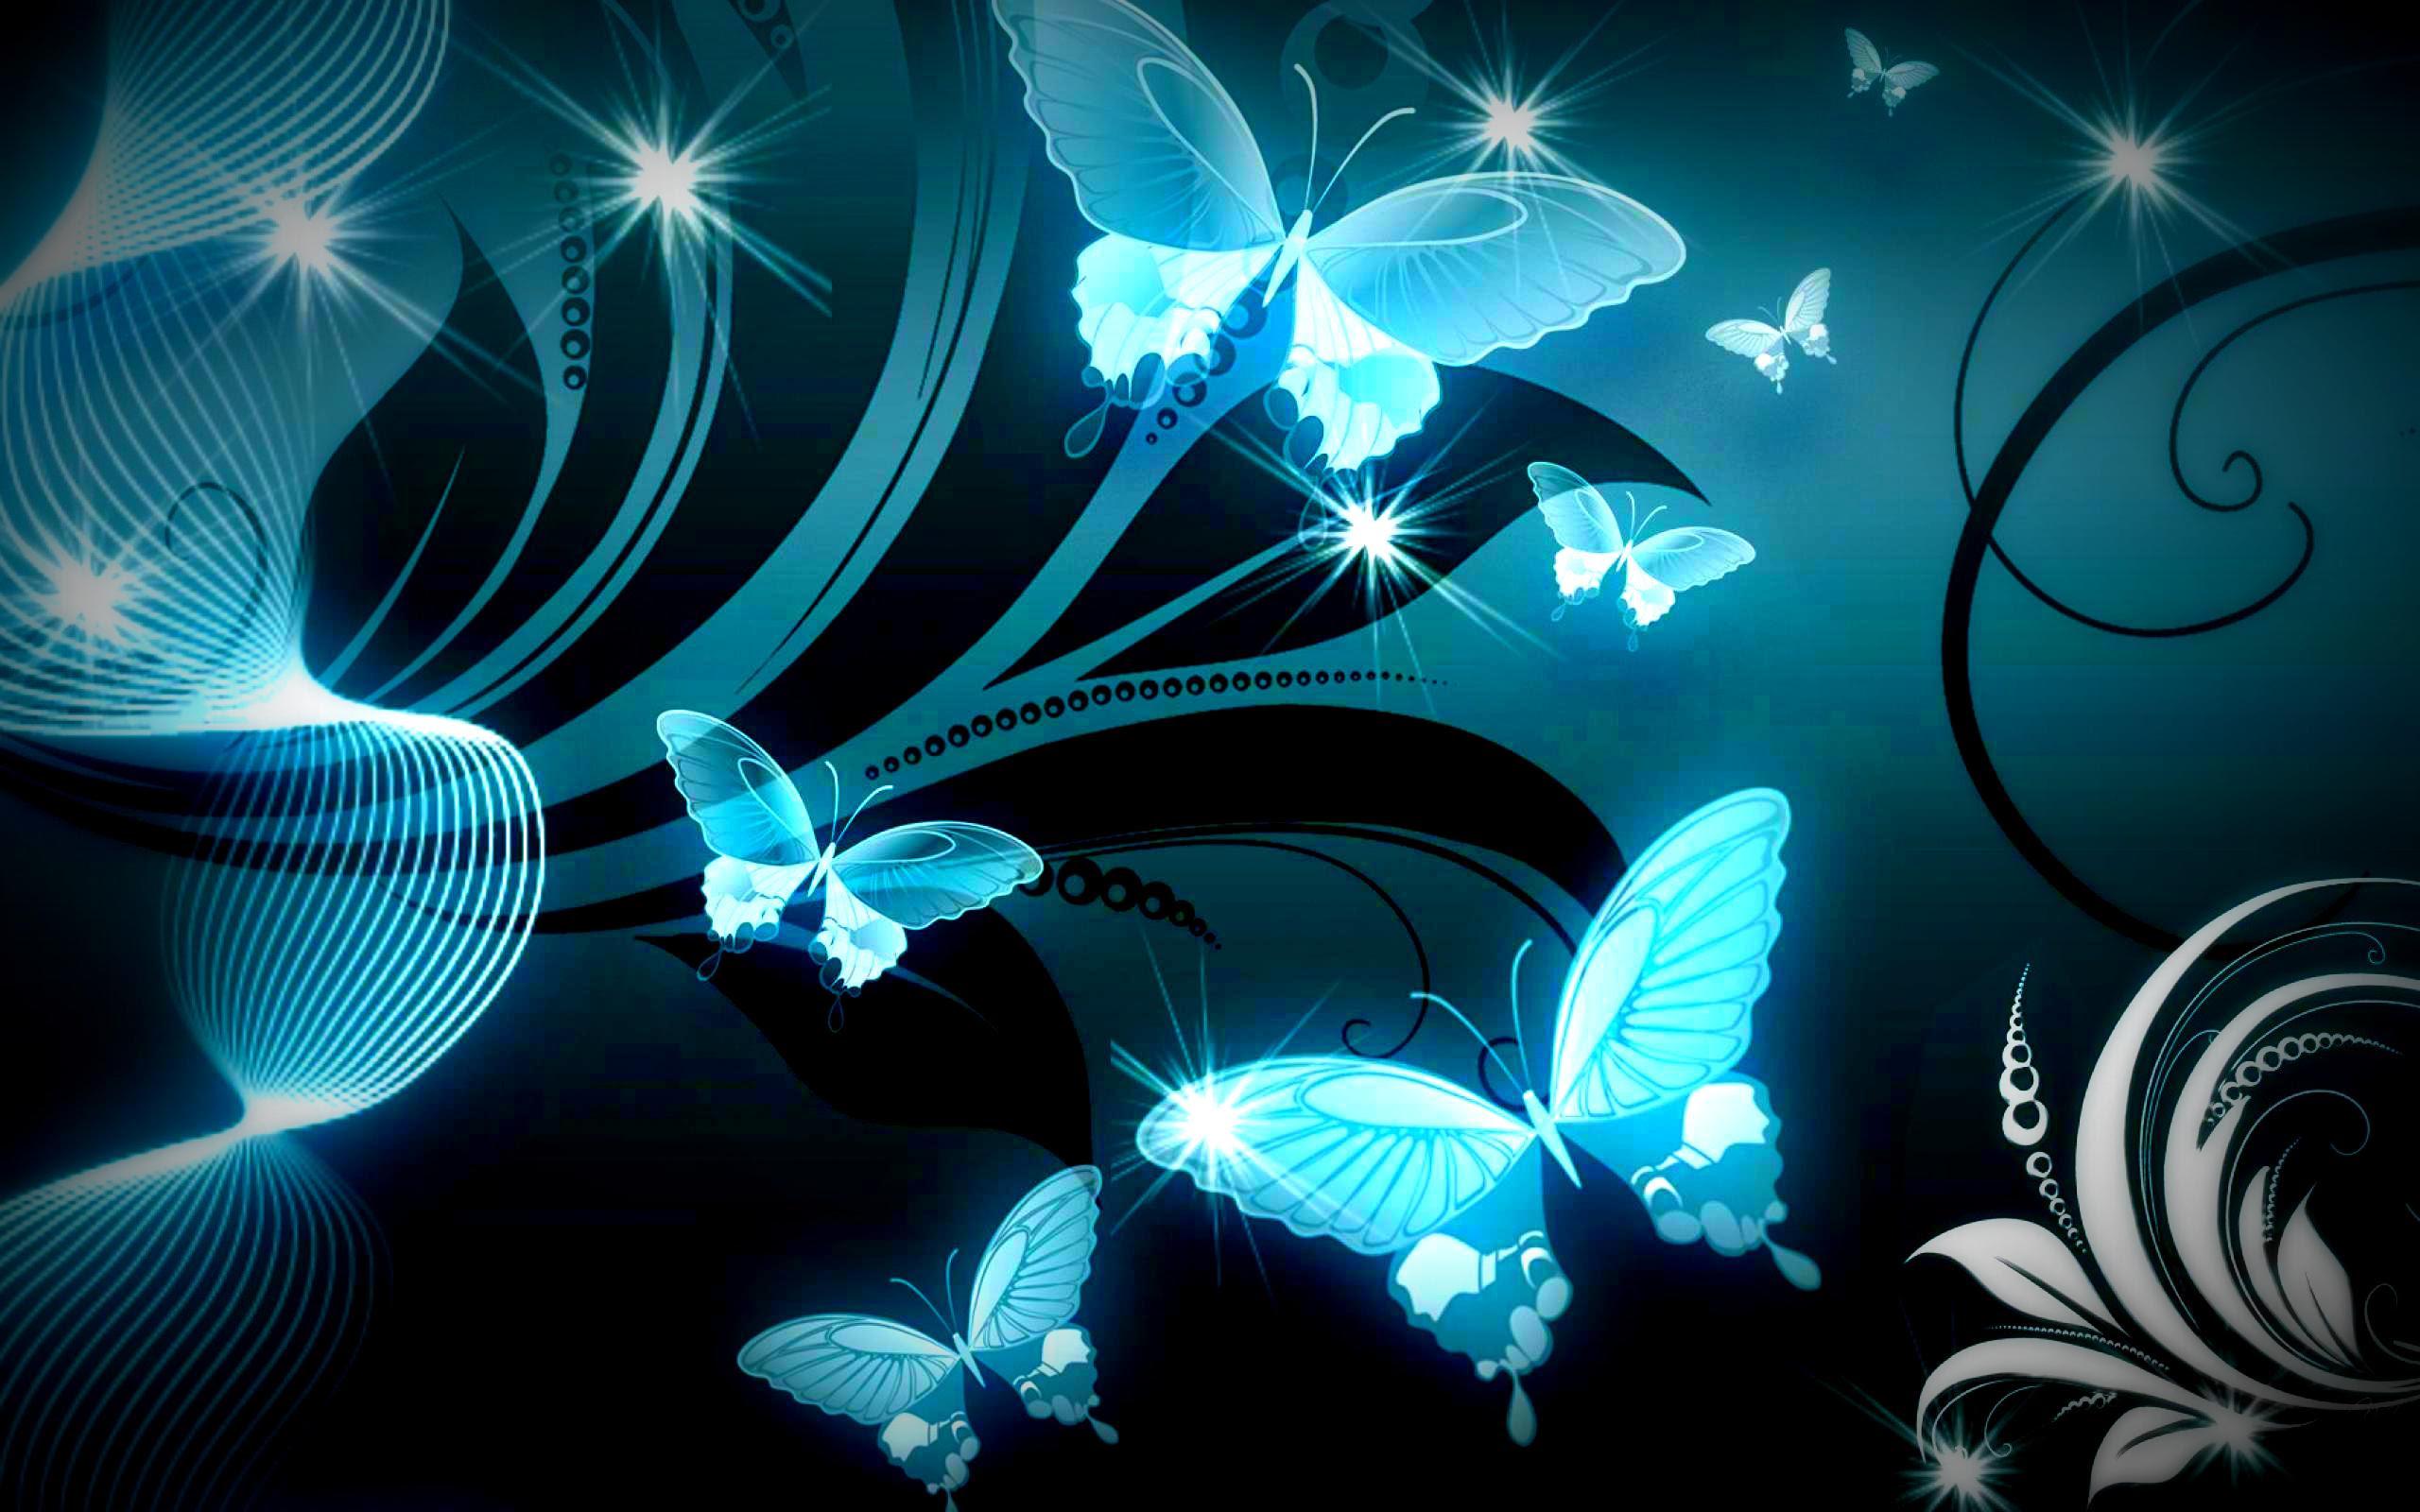 Butterfly Backgrounds free download | PixelsTalk.Net